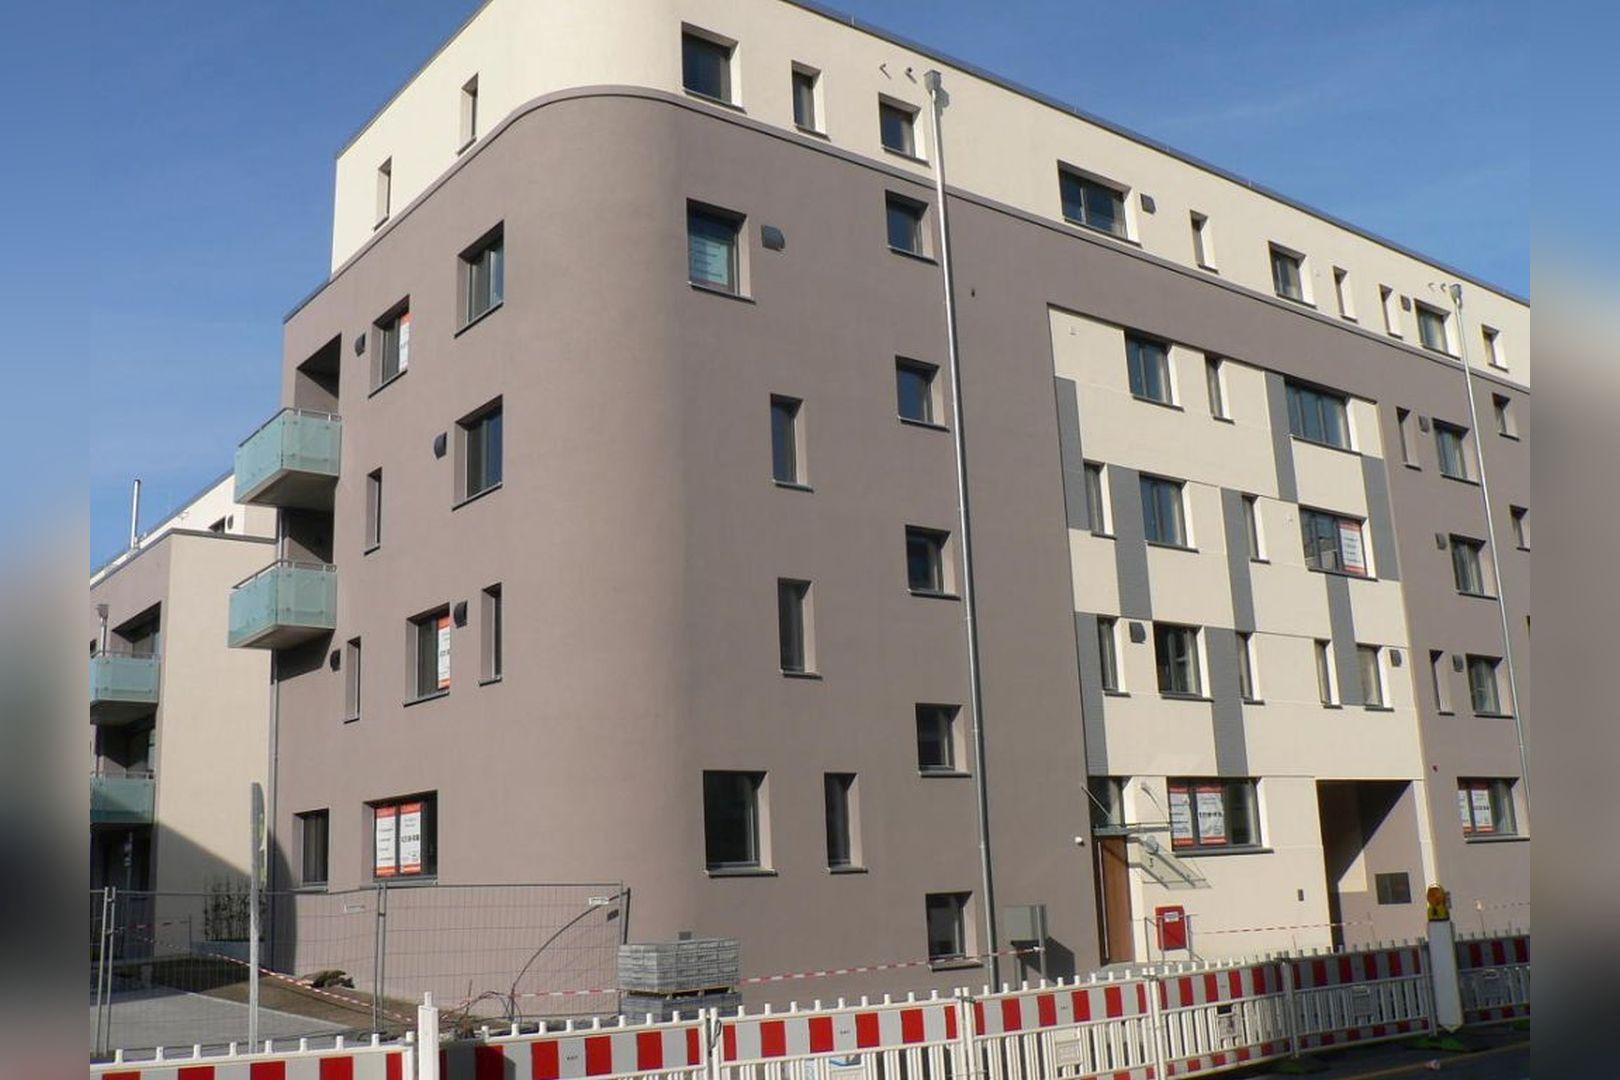 Immobilie Nr.Hilden 10 + 11 - Für Büro-Praxis-Service-Dienstleistung in absoluter Werbelage! - Bild 2.jpg